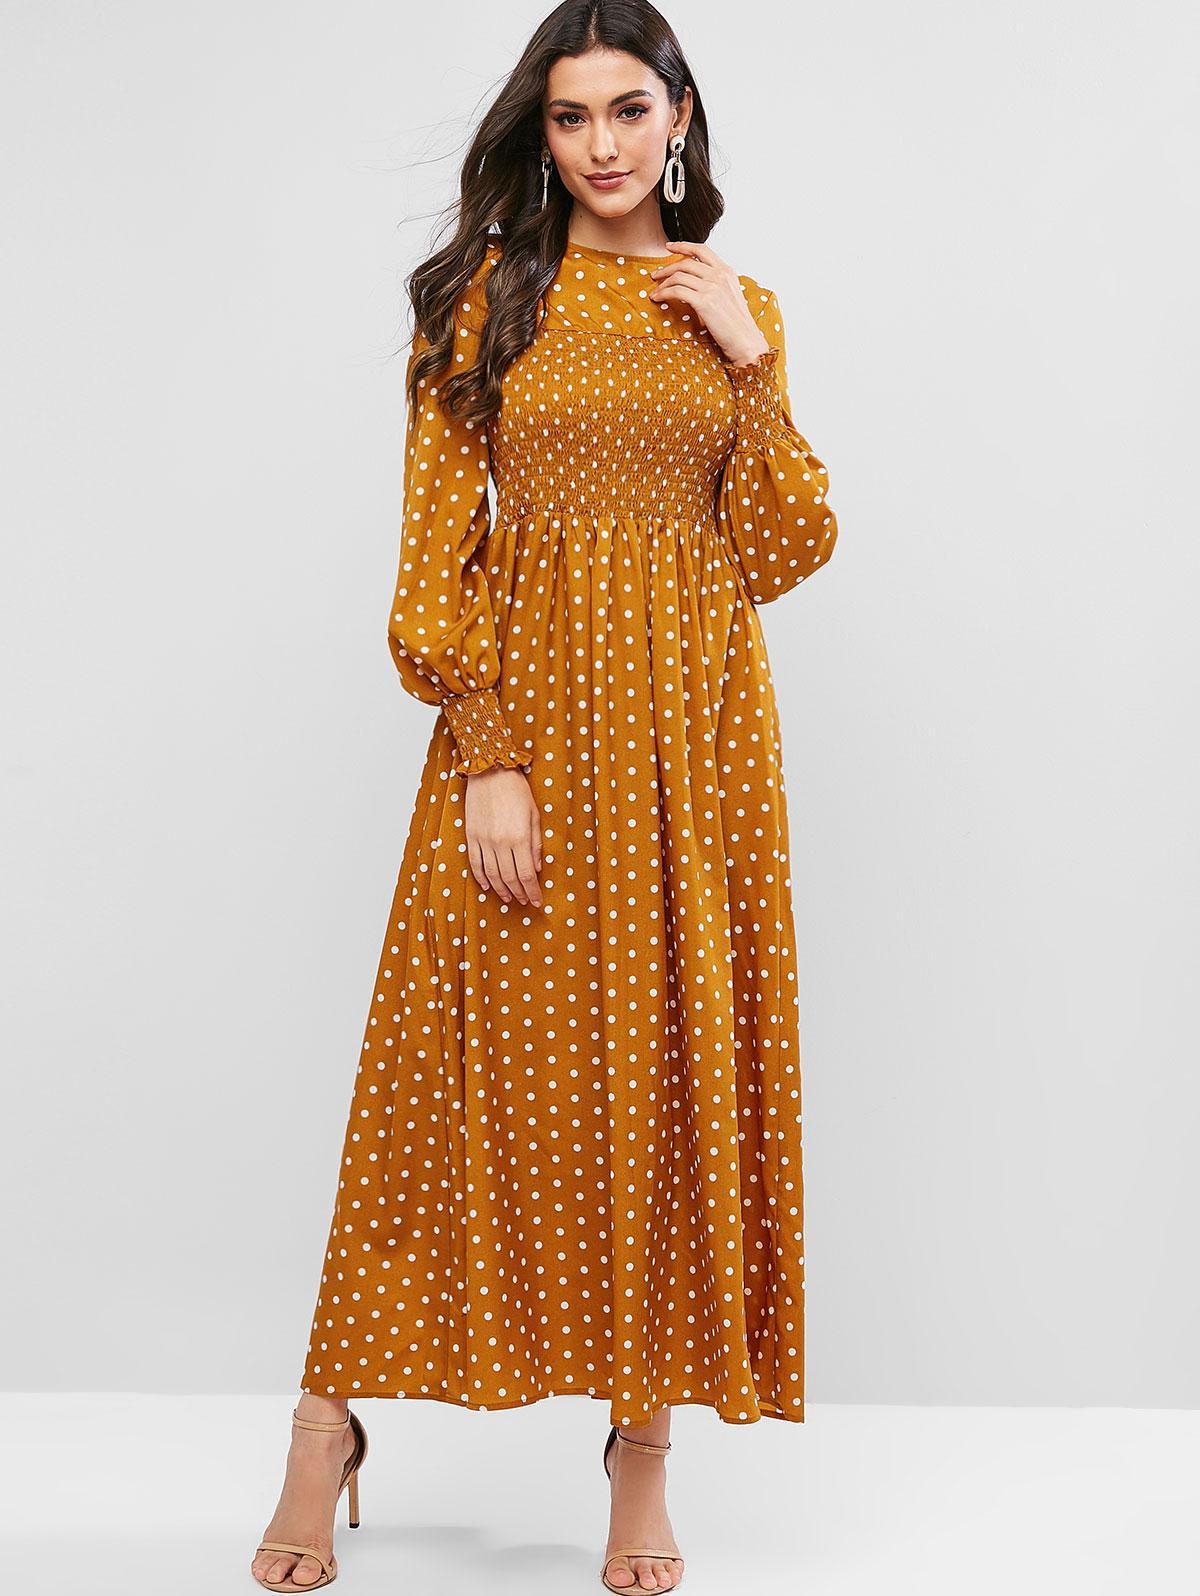 ZAFUL Shirred Polka Dot Maxi Dress, Bee yellow